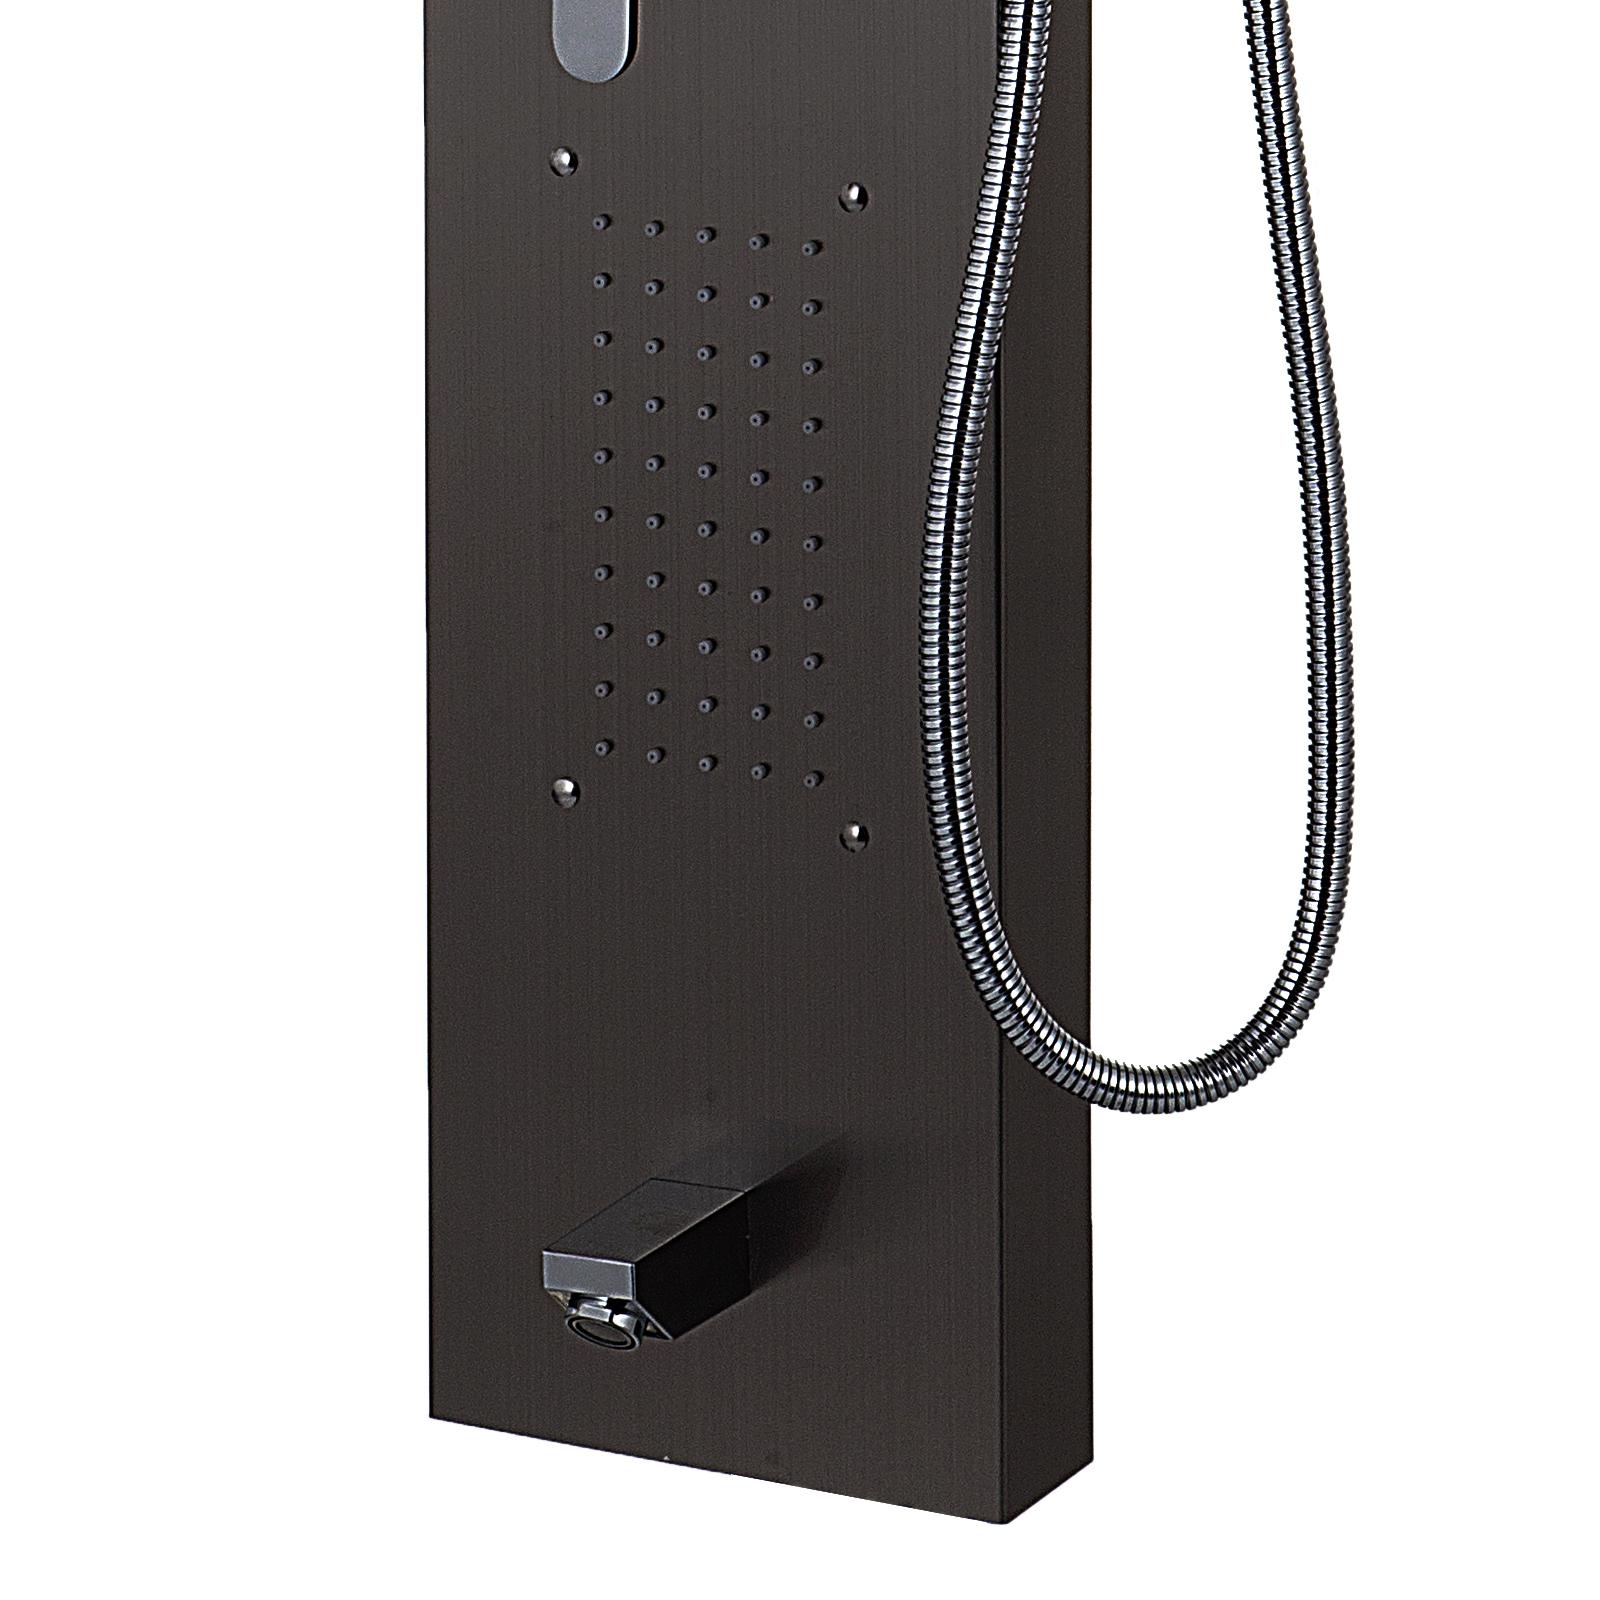 Pannello-doccia-idromassaggio-colonna-in-acciaio-inossidabile-con-miscelatore miniatura 57